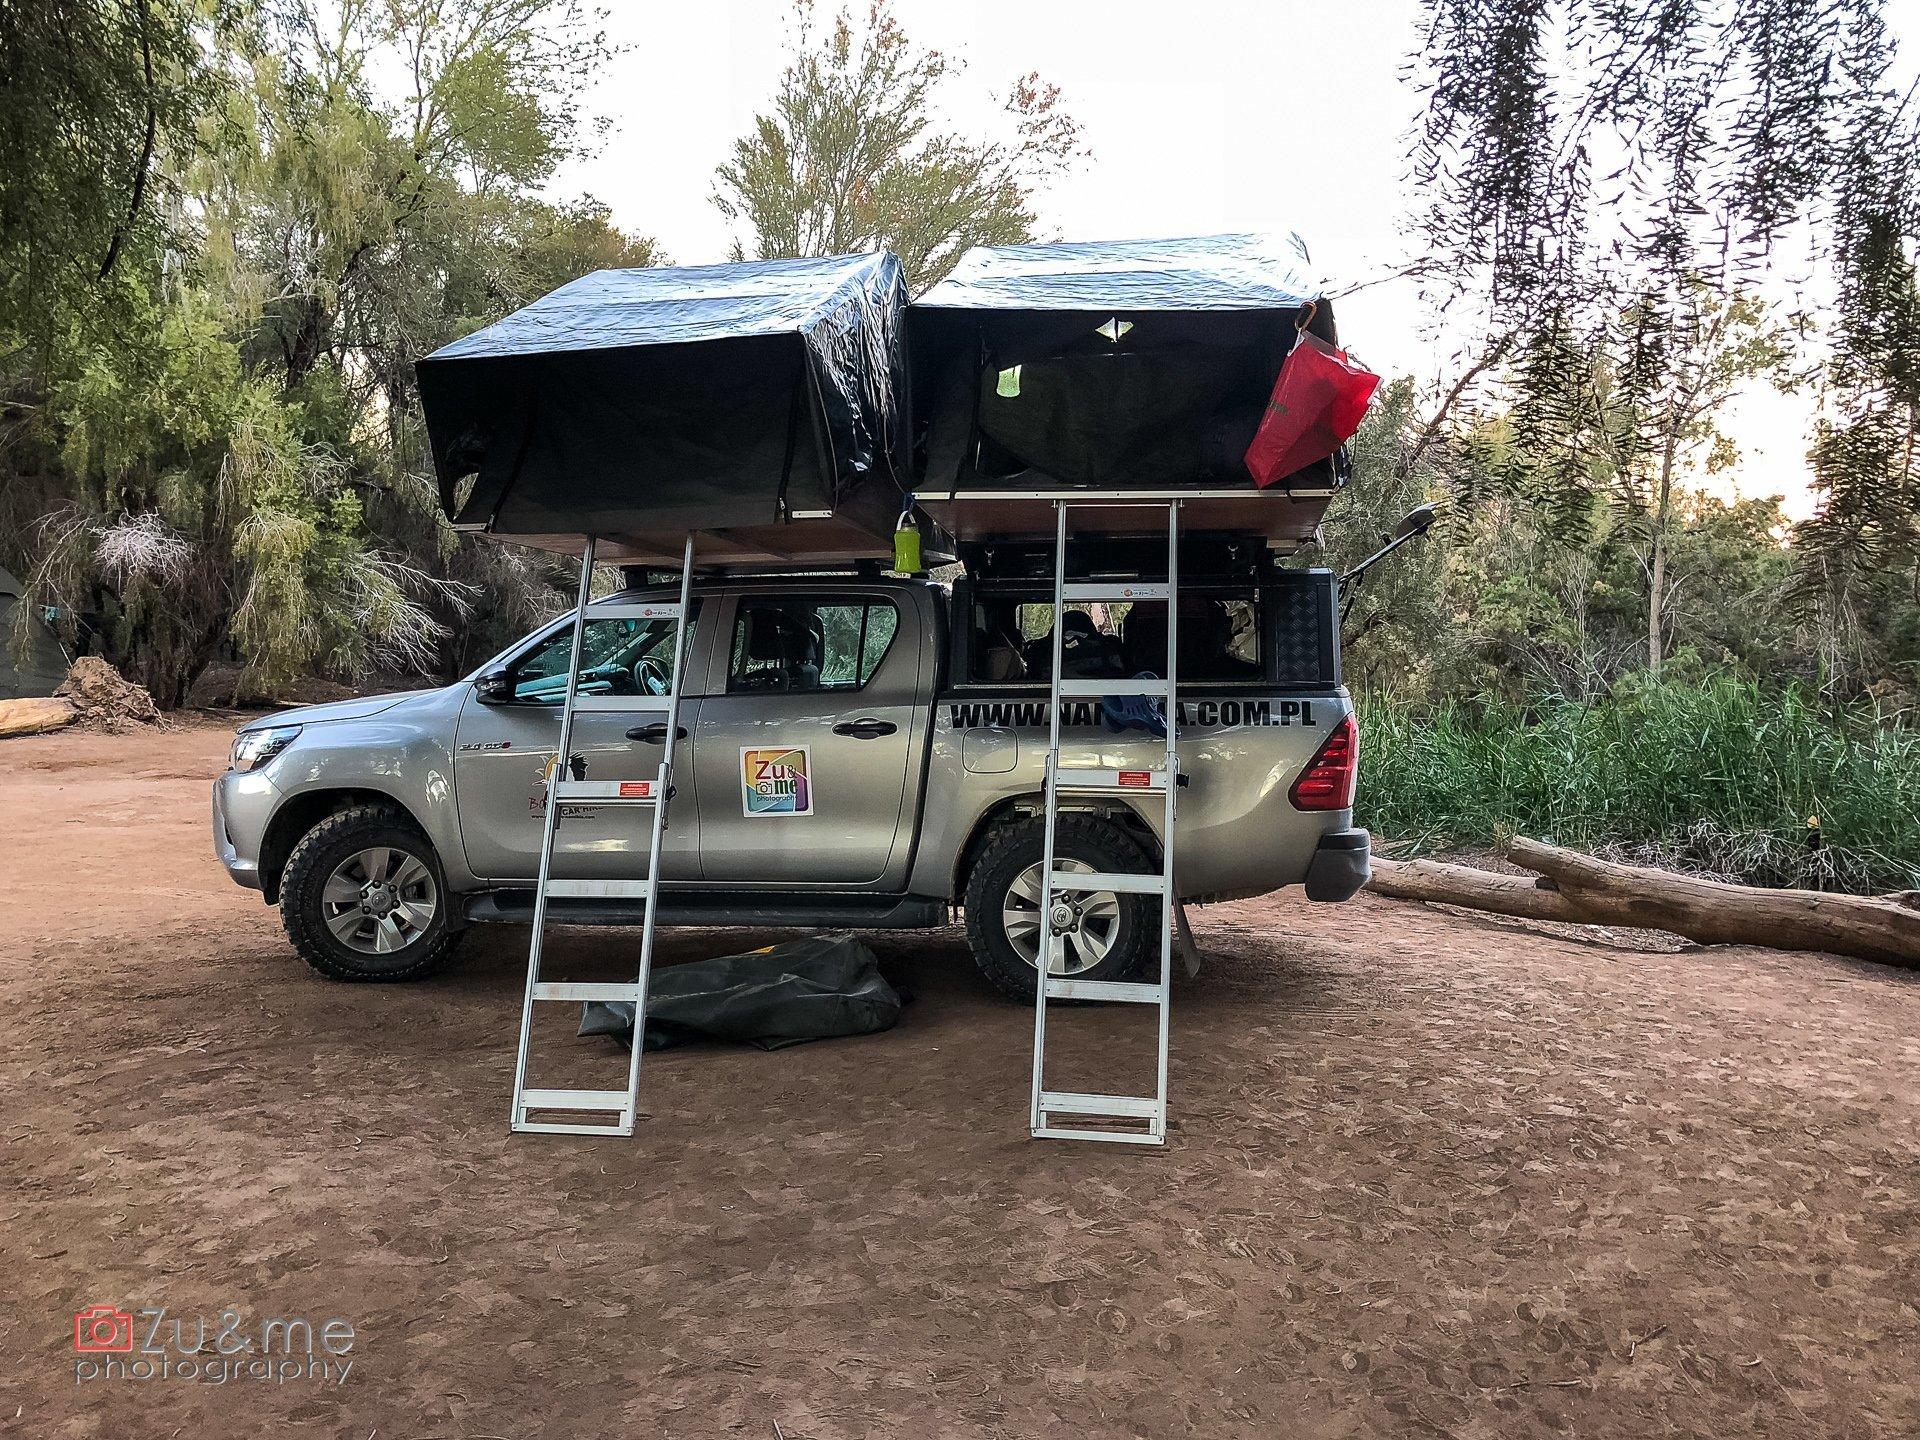 Campsite hobas nasze auto